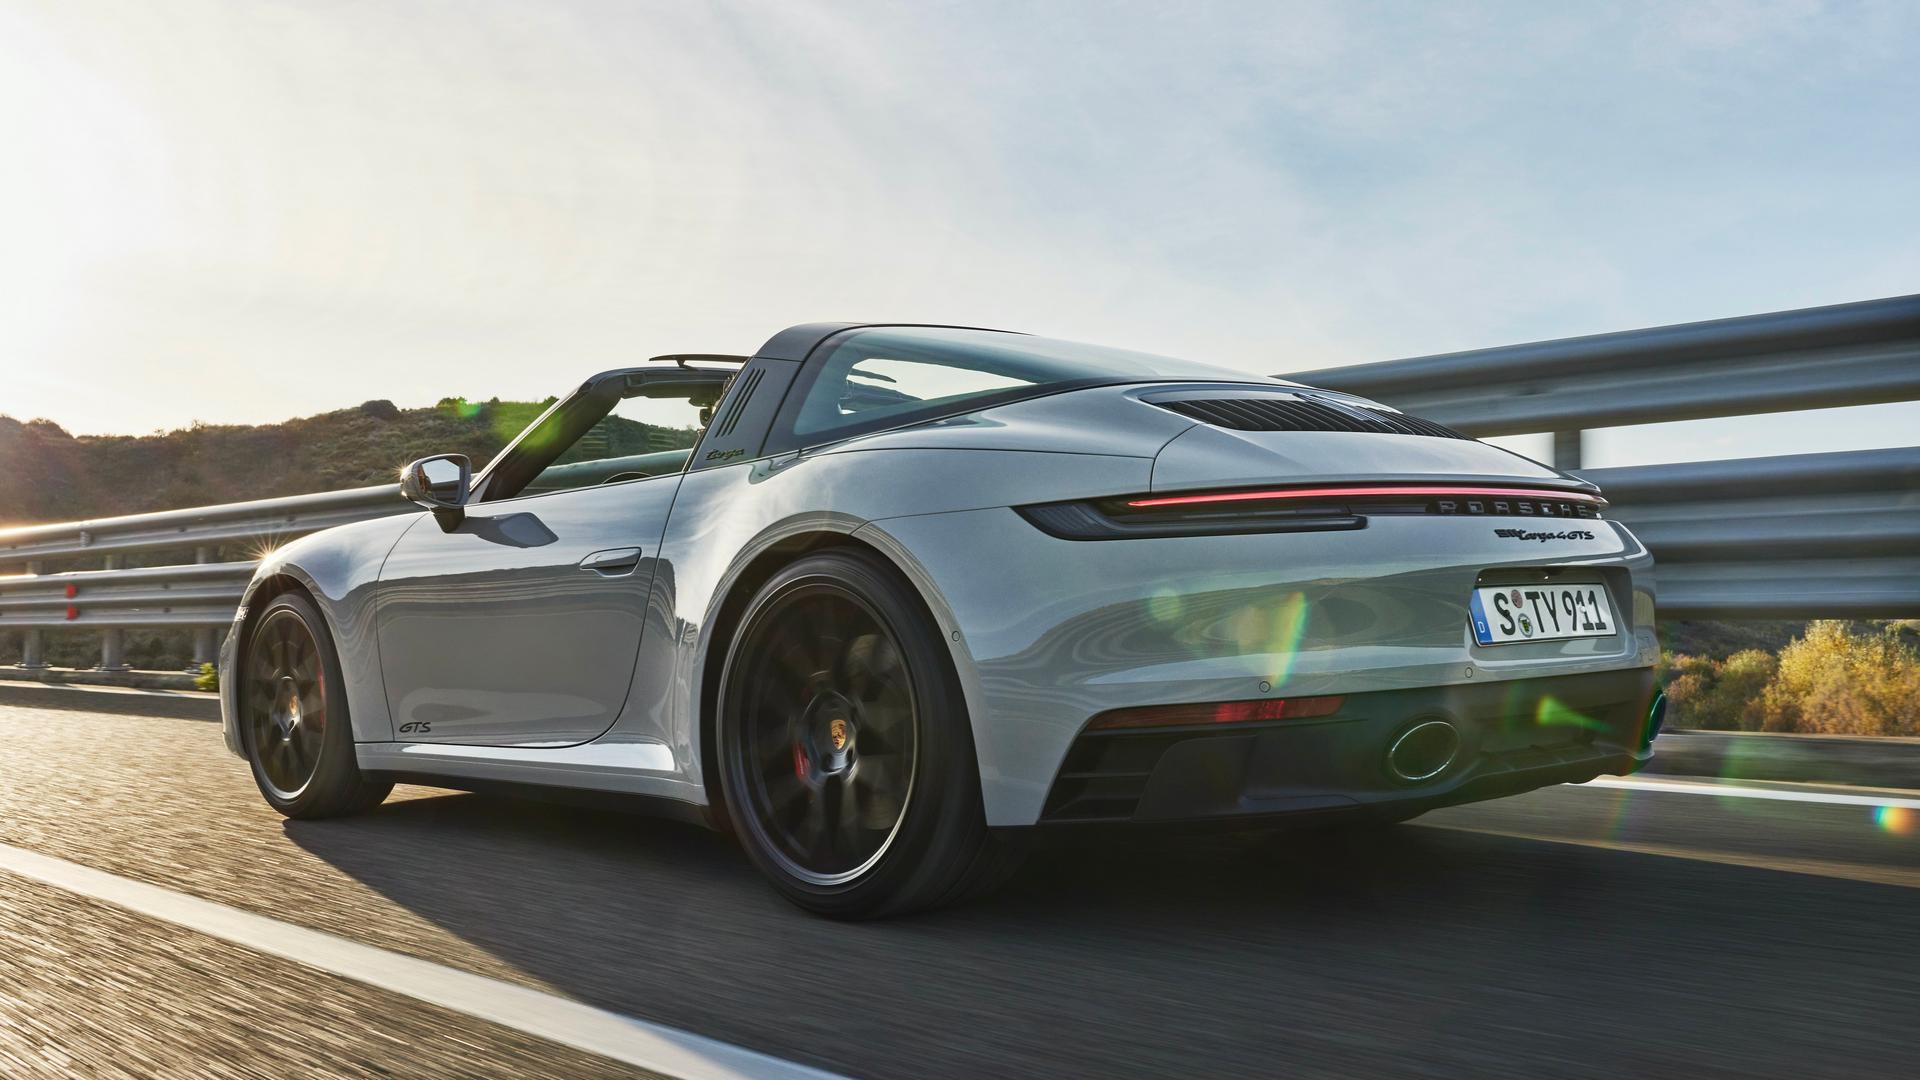 Porsche 911 GTS Convertible rear